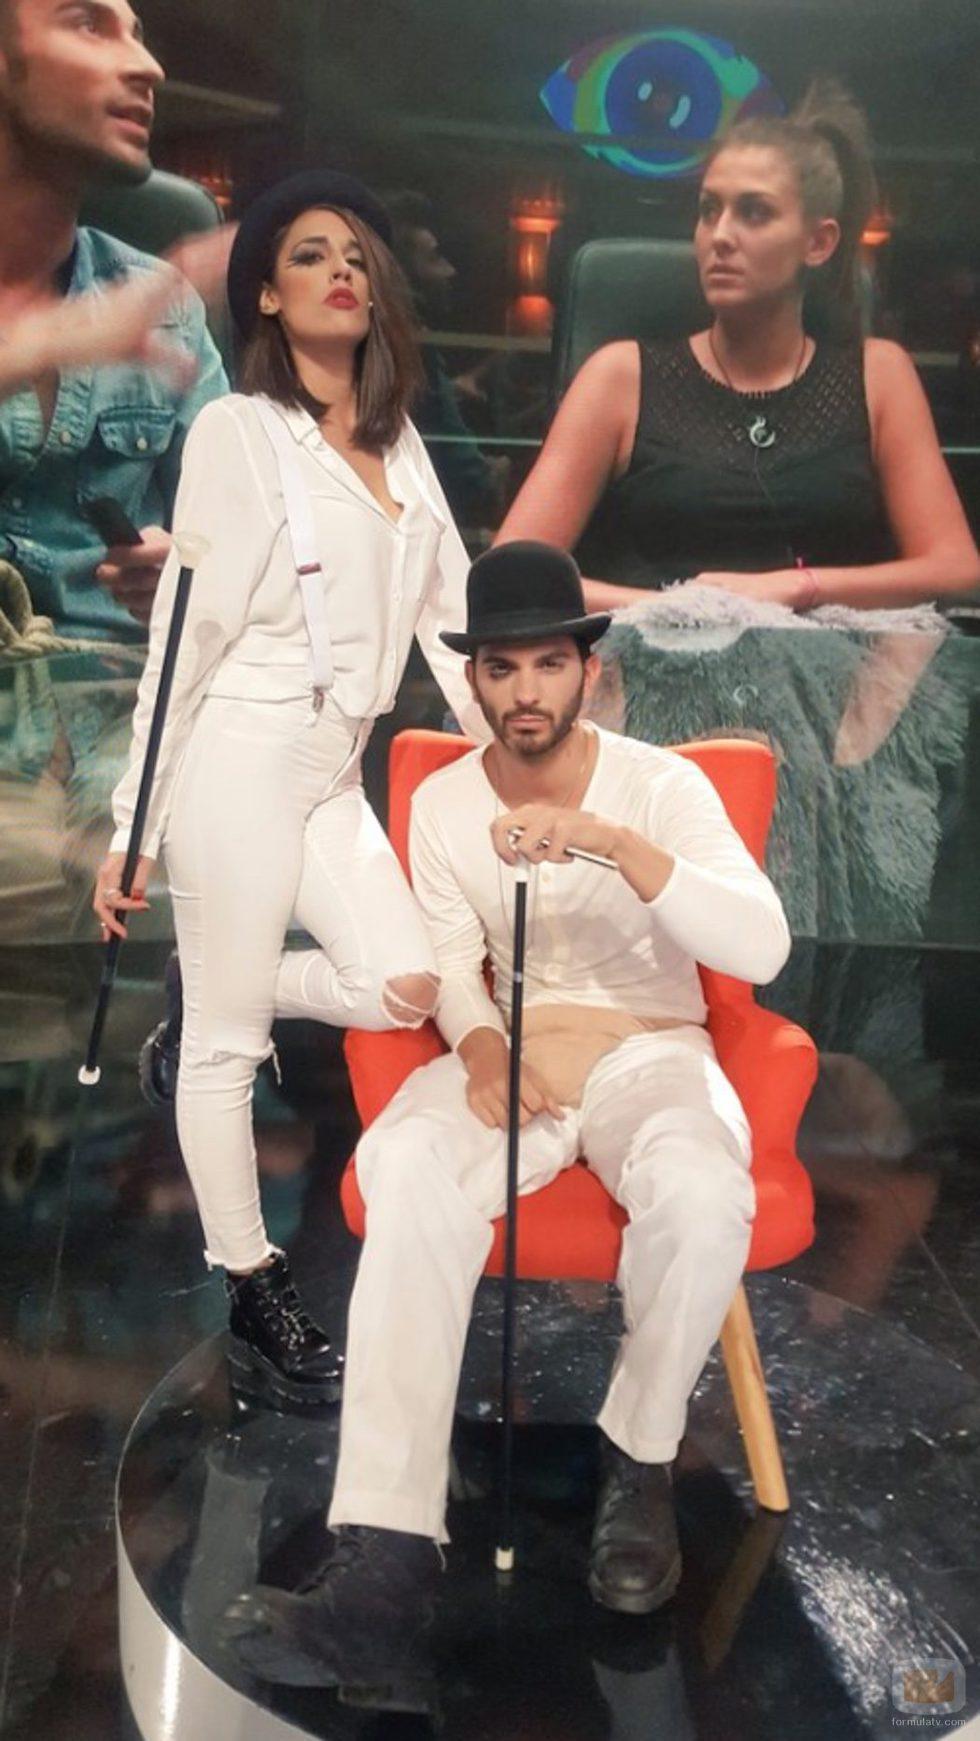 Lucía y Suso disfrazados por Halloween 2016 en 'Gran Hermano: El debate'